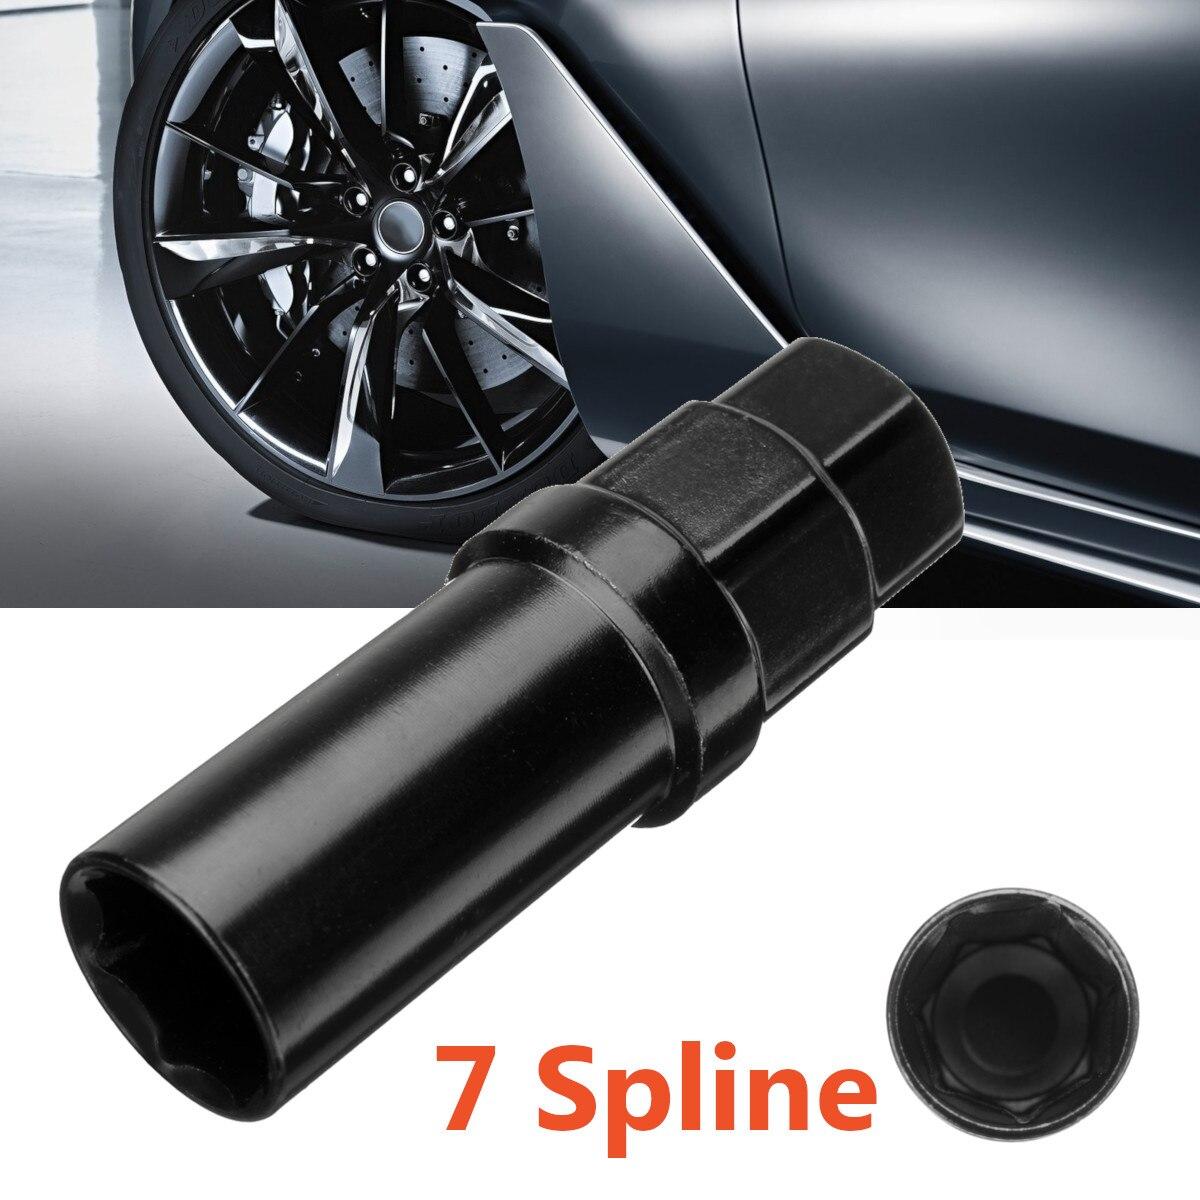 Black 7 Sided Spline Tuner Lug Nut Locking Socket Key Removal Steel Tool